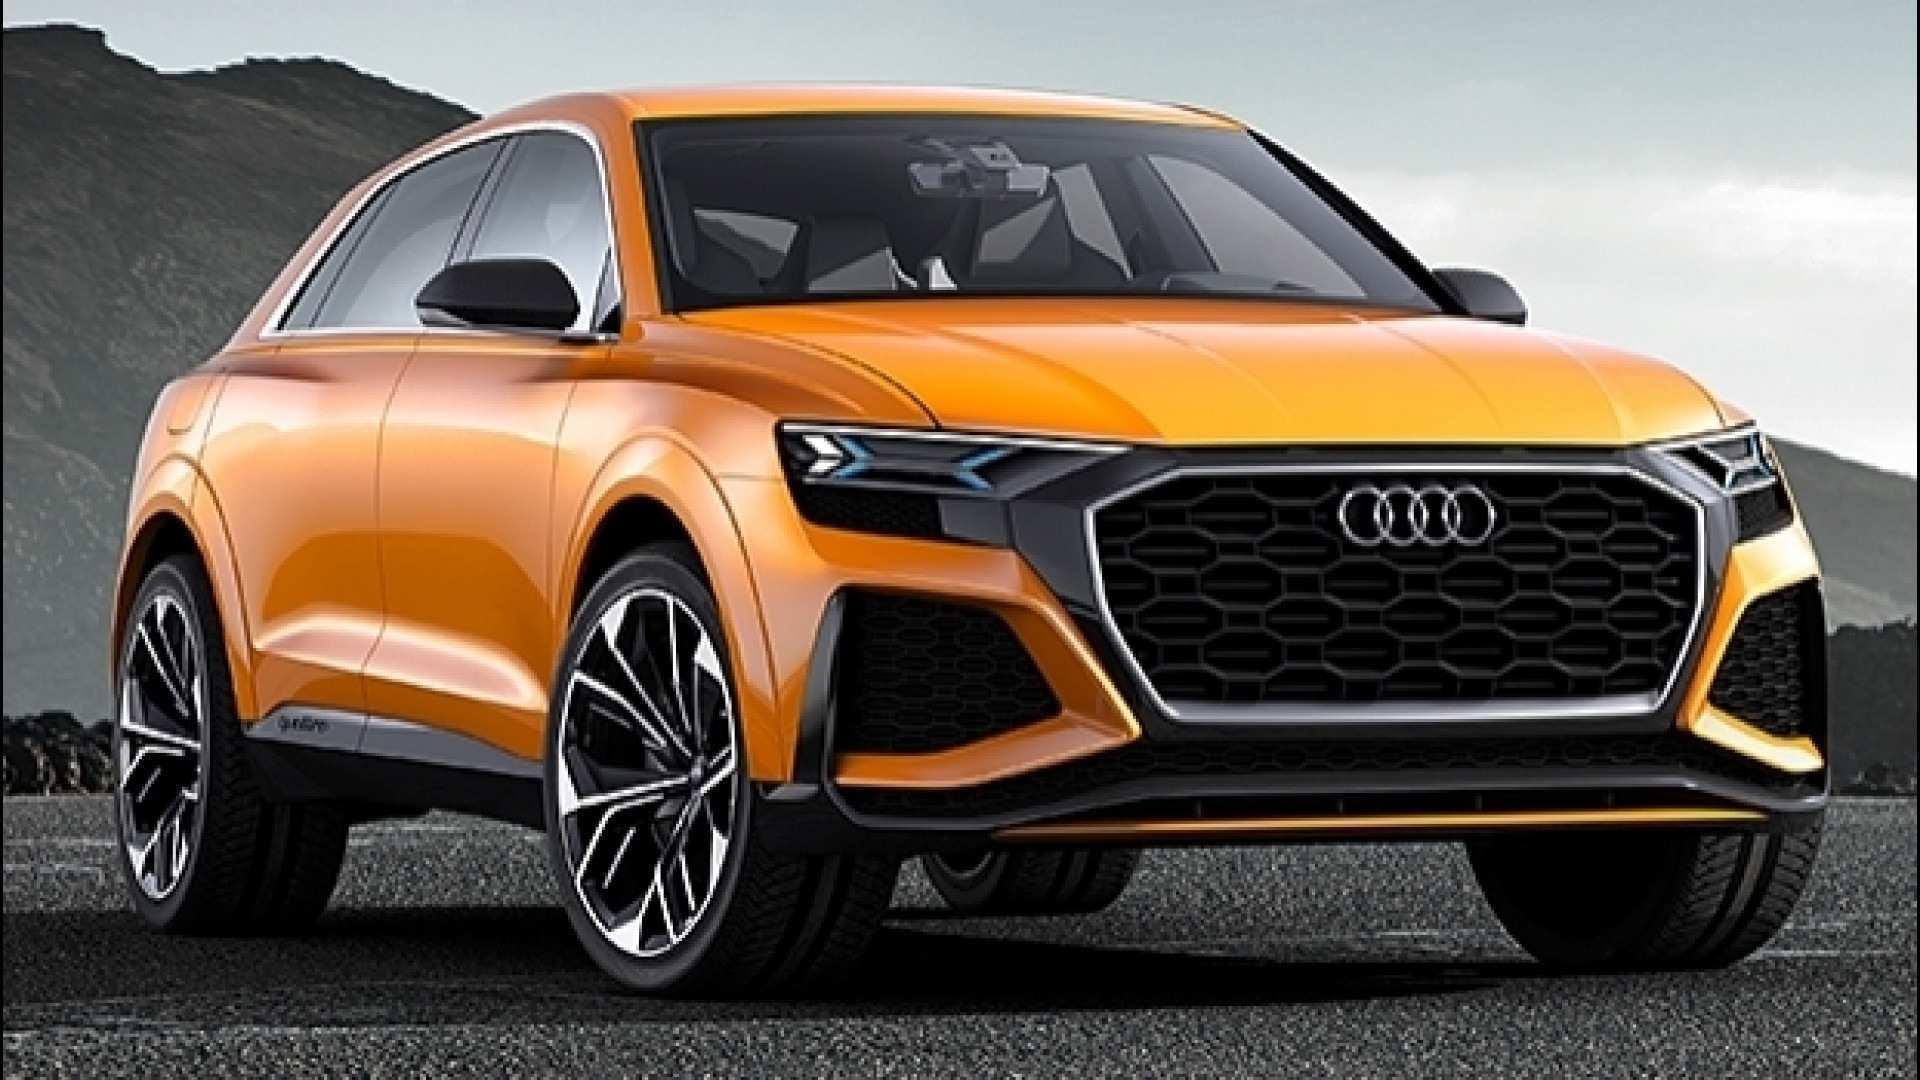 97 The Audi Novita 2019 Review for Audi Novita 2019